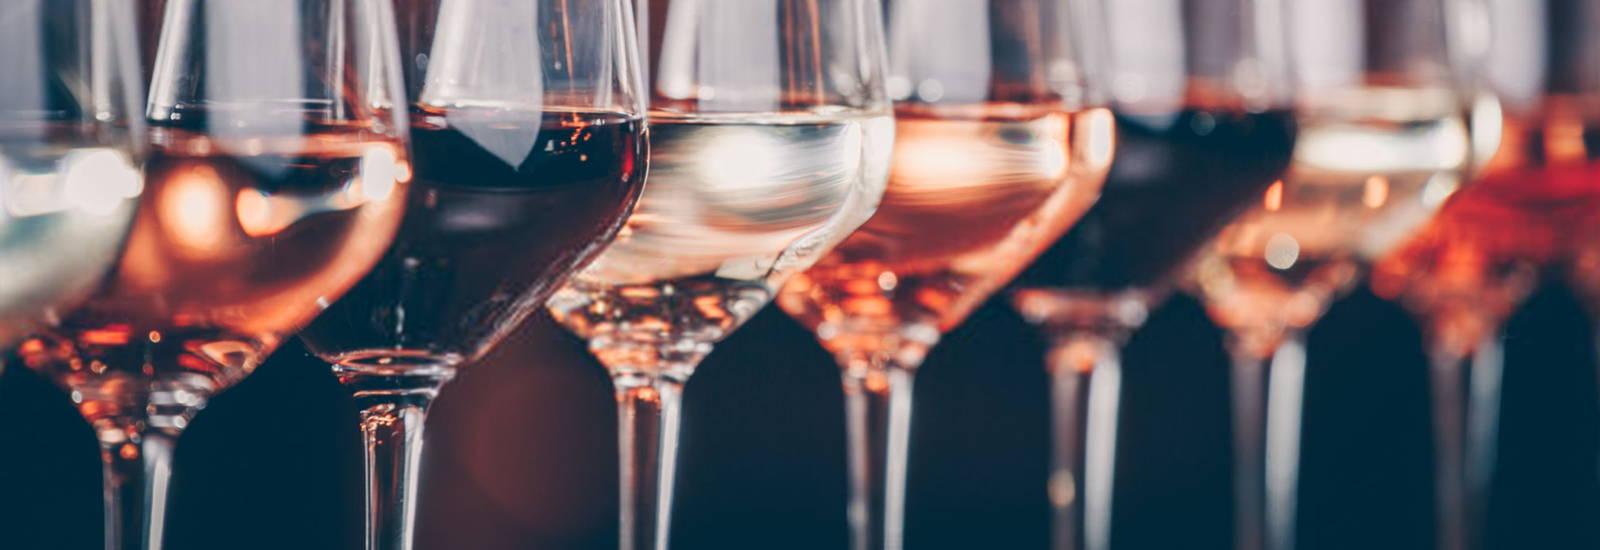 Splash Wines